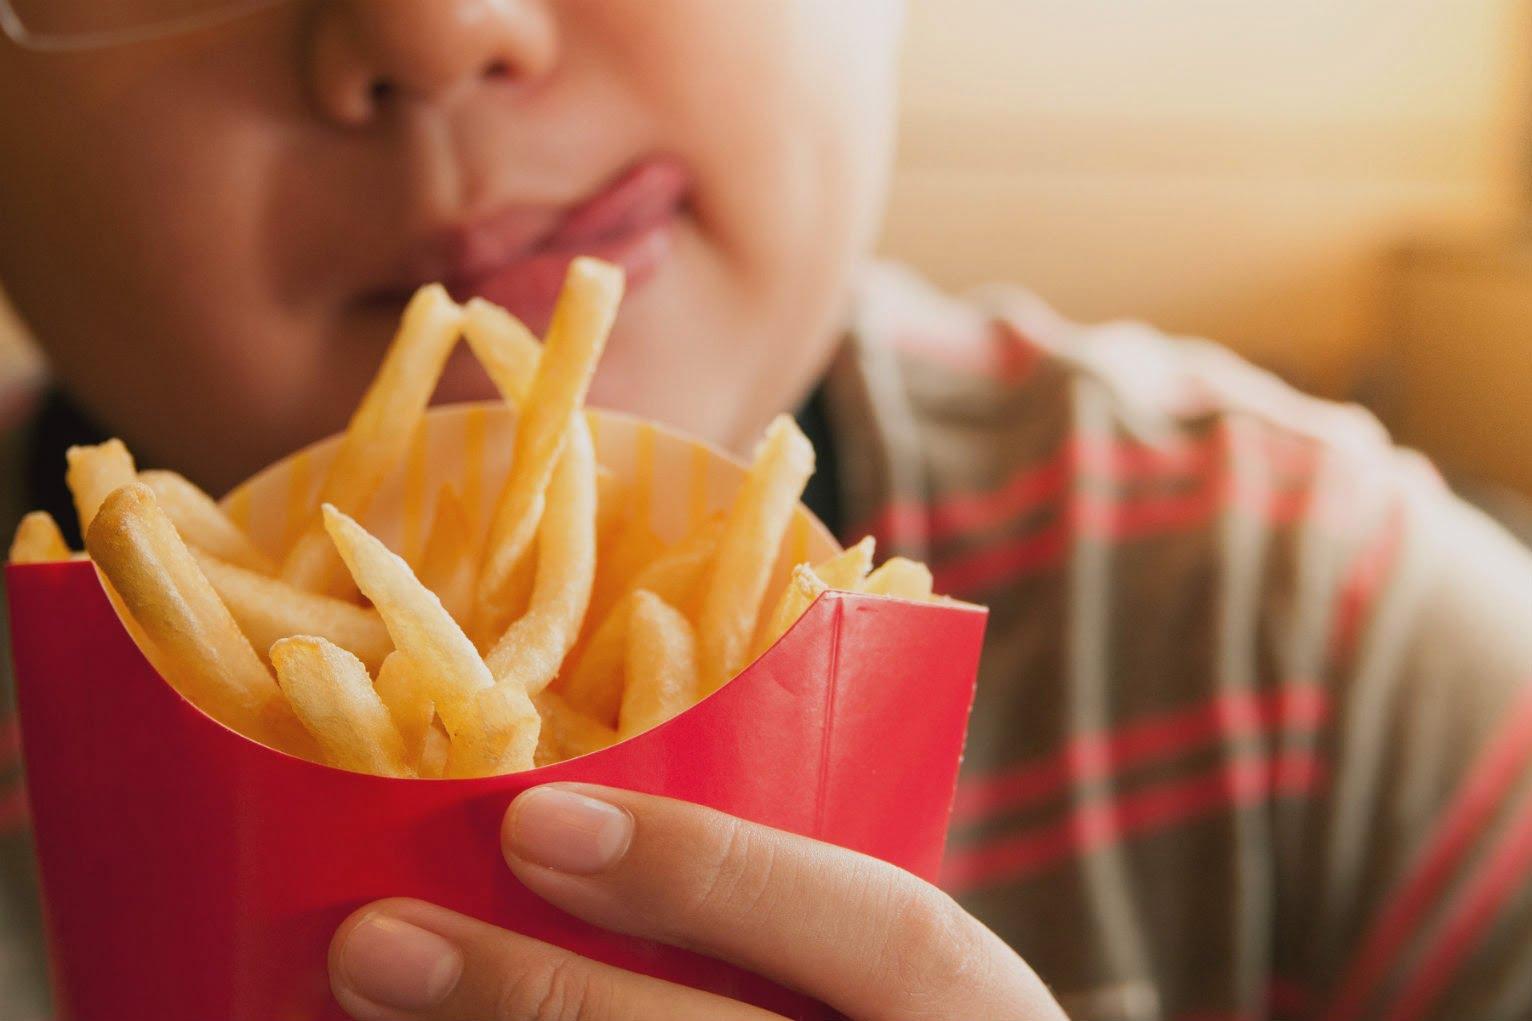 En el Perú hay 2 millones de niños menores de 5 años que sufren obesidad